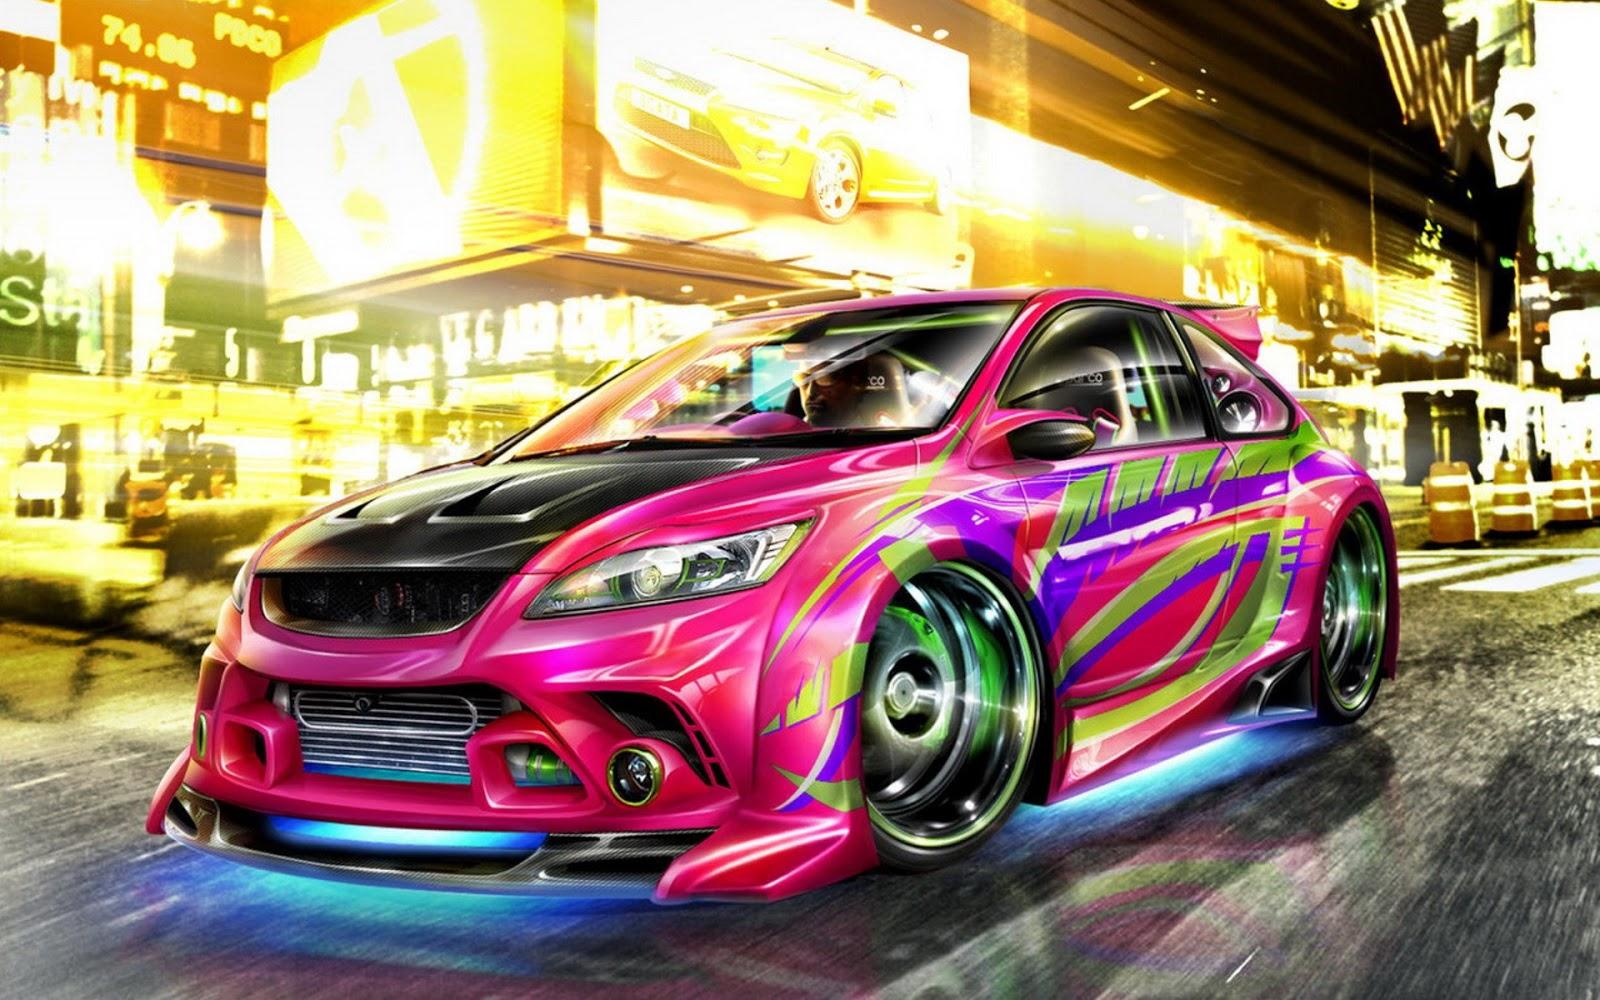 Kumpulan Wallpaper Mobil Sport Modifikasi Keren Terlengkap